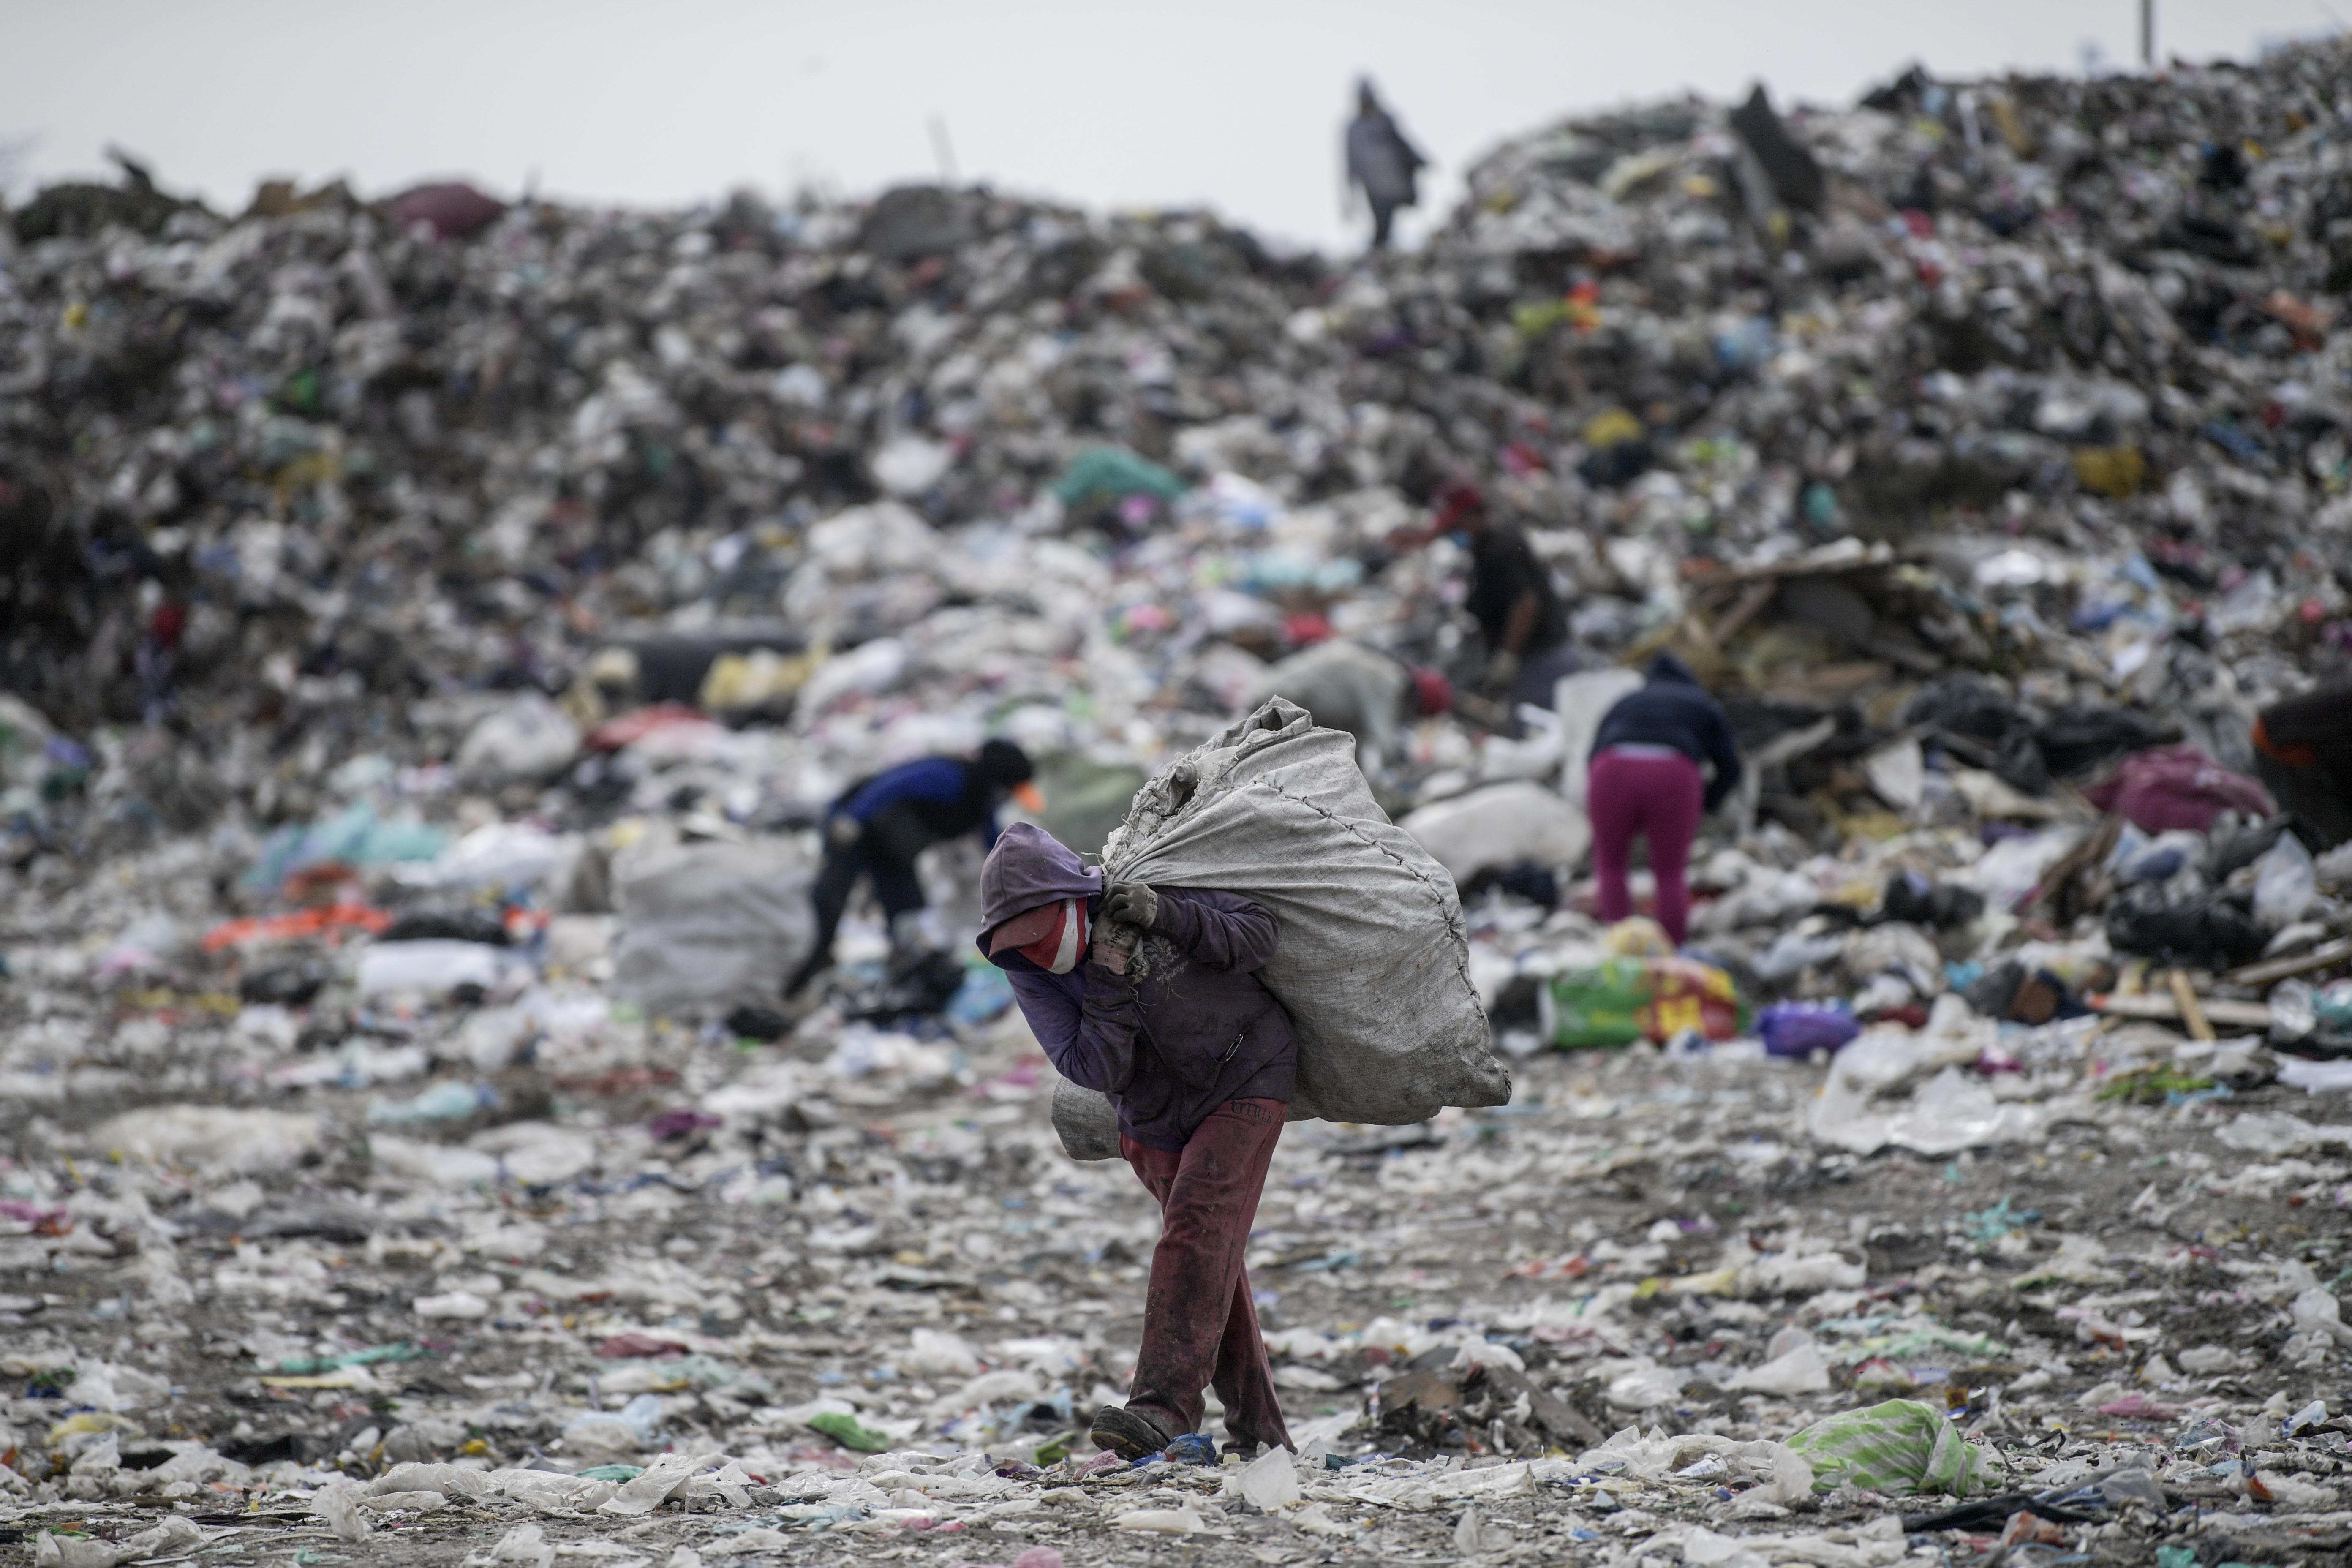 Un recolector lleva una bolsa en el basurero